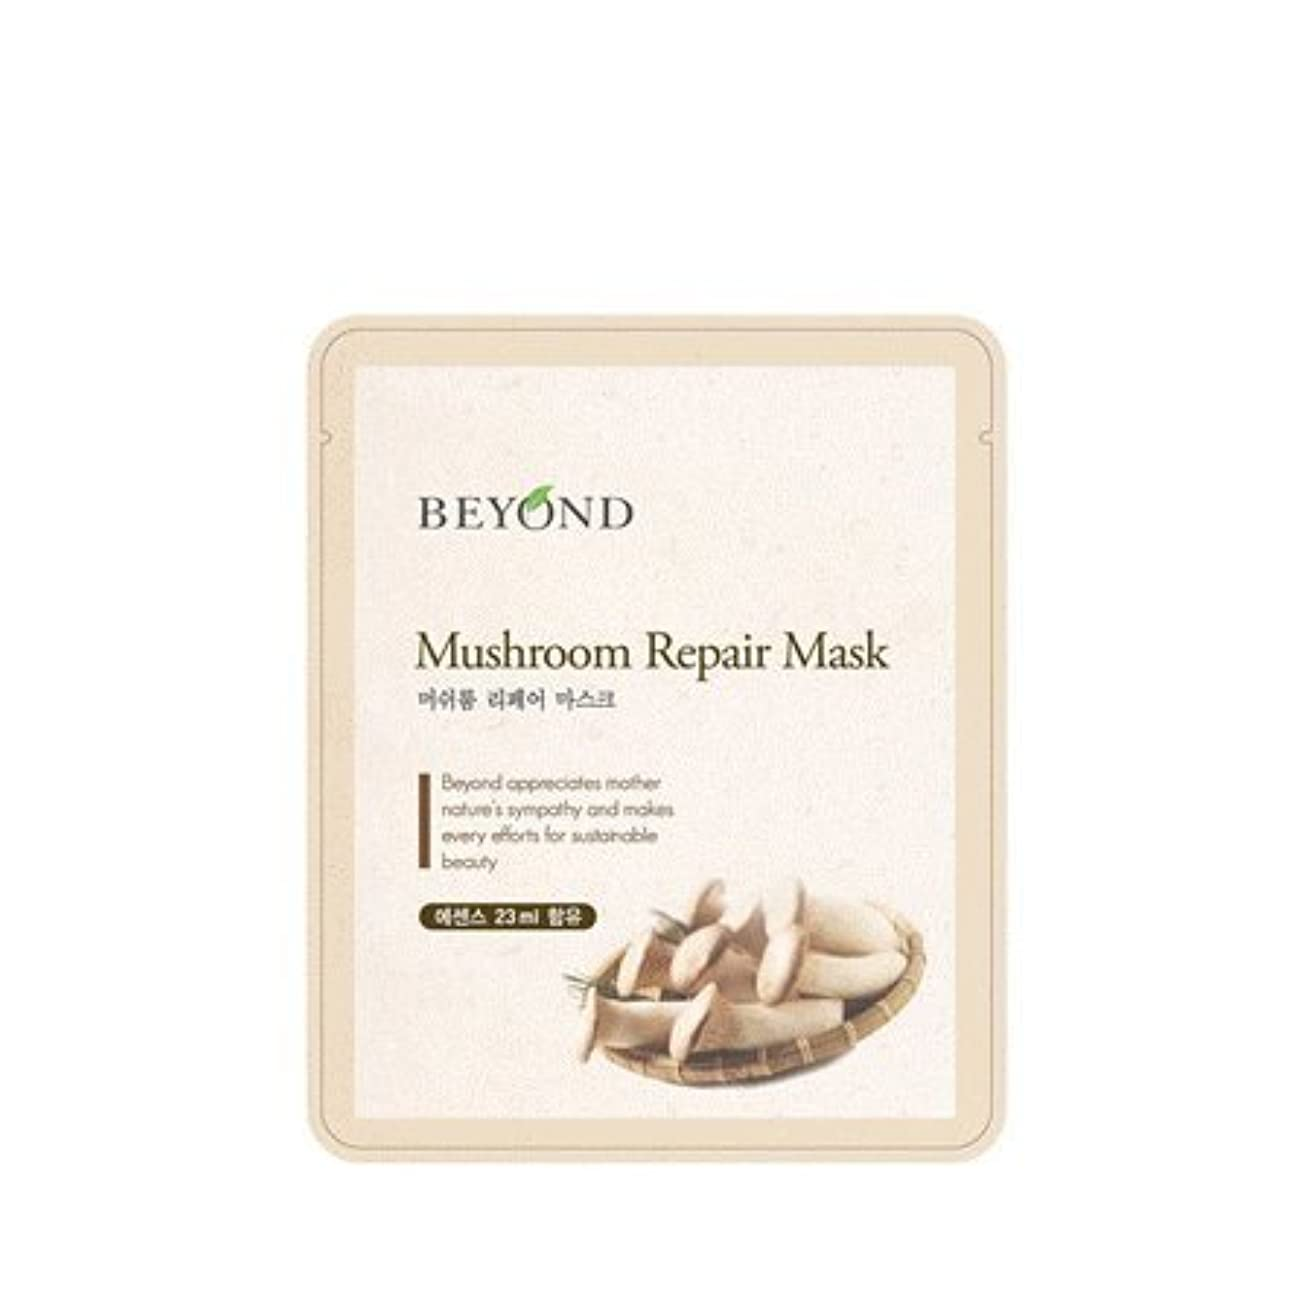 Beyond mask sheet 5ea (Mushroom Repair Mask)